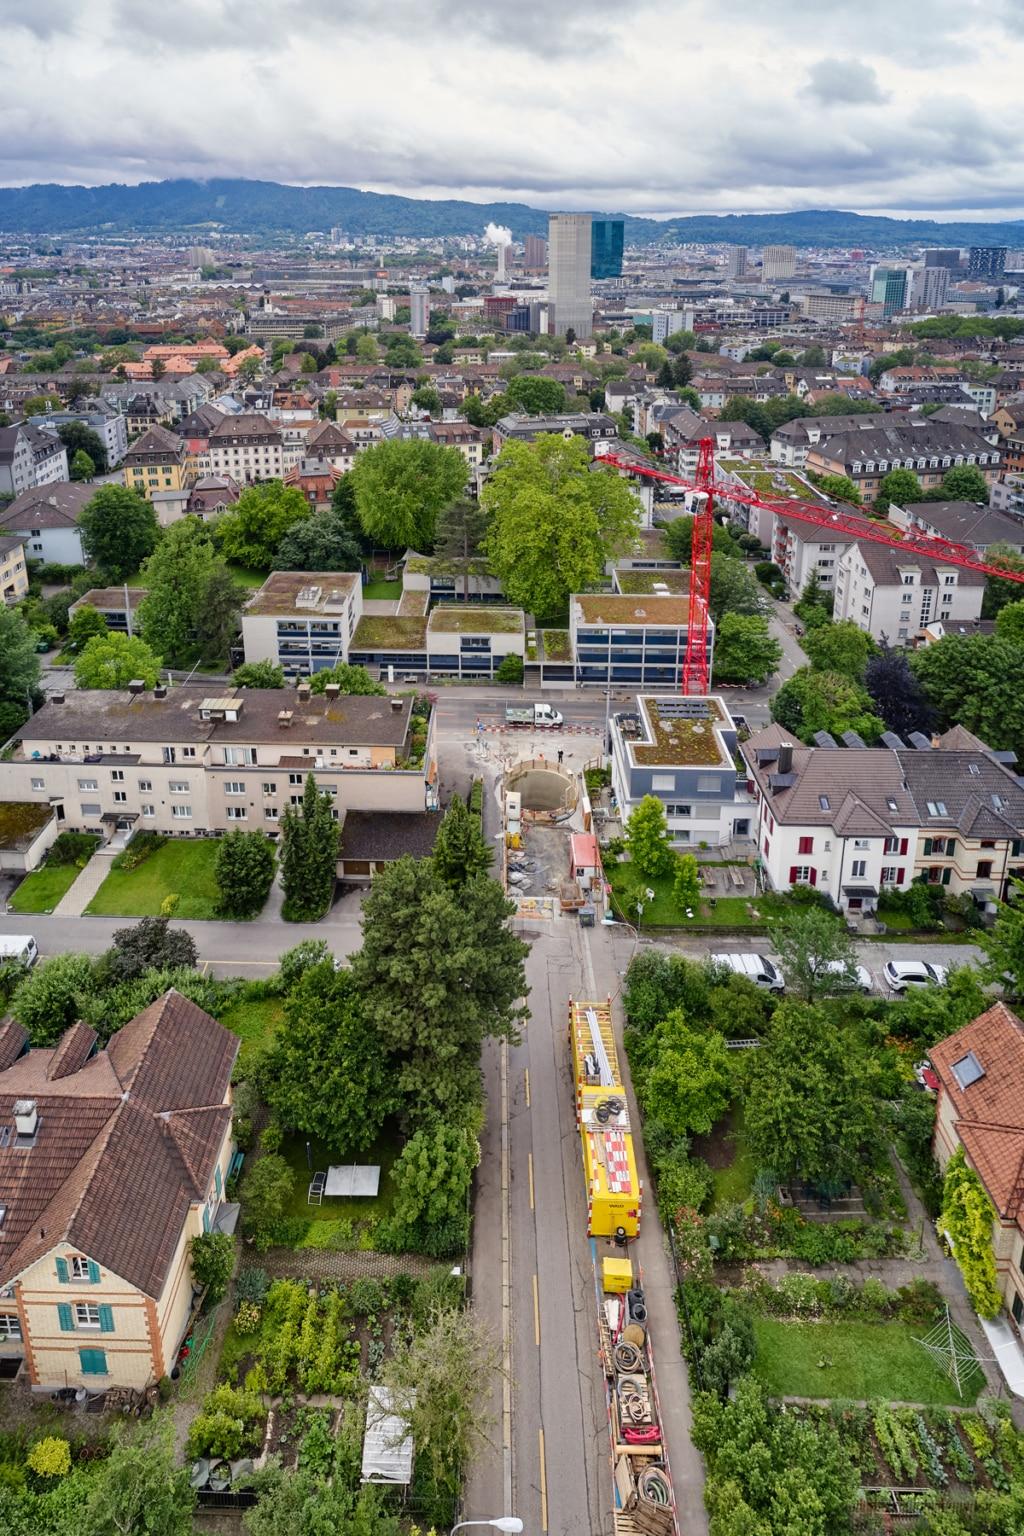 Sonntag Bau AG - Fernwärme Projekt Zürich - Microtunneling - Zielschacht Rothstrasse mit Blick Startschacht an der Gestenstrasse / Nähe Kehrichtheizkraftwerk Josefstrasse